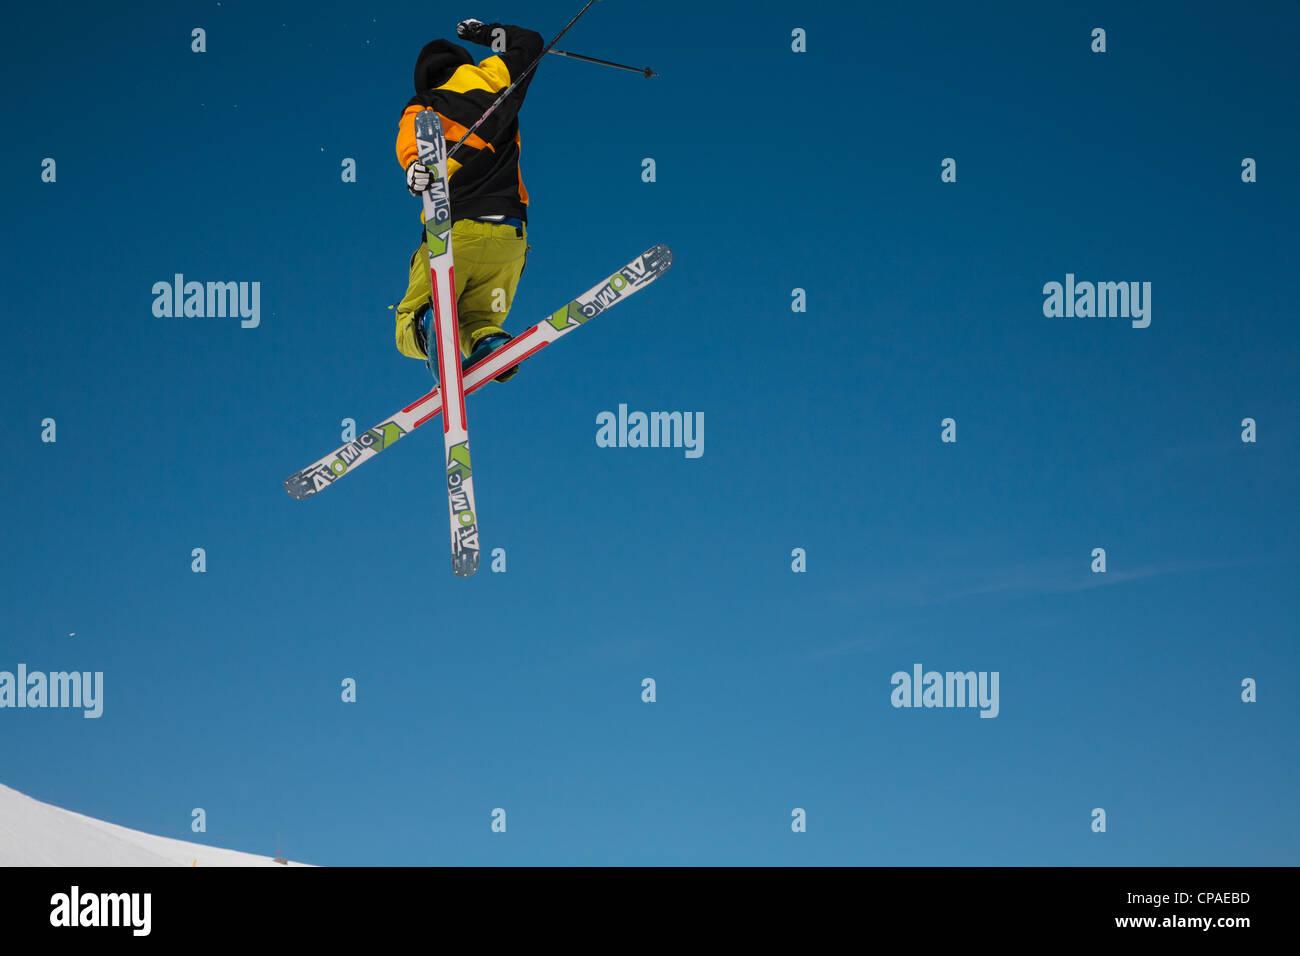 Un skieur de style libre exécute un saut et twist contre un ciel bleu clair. 1 de 2. Photo Stock